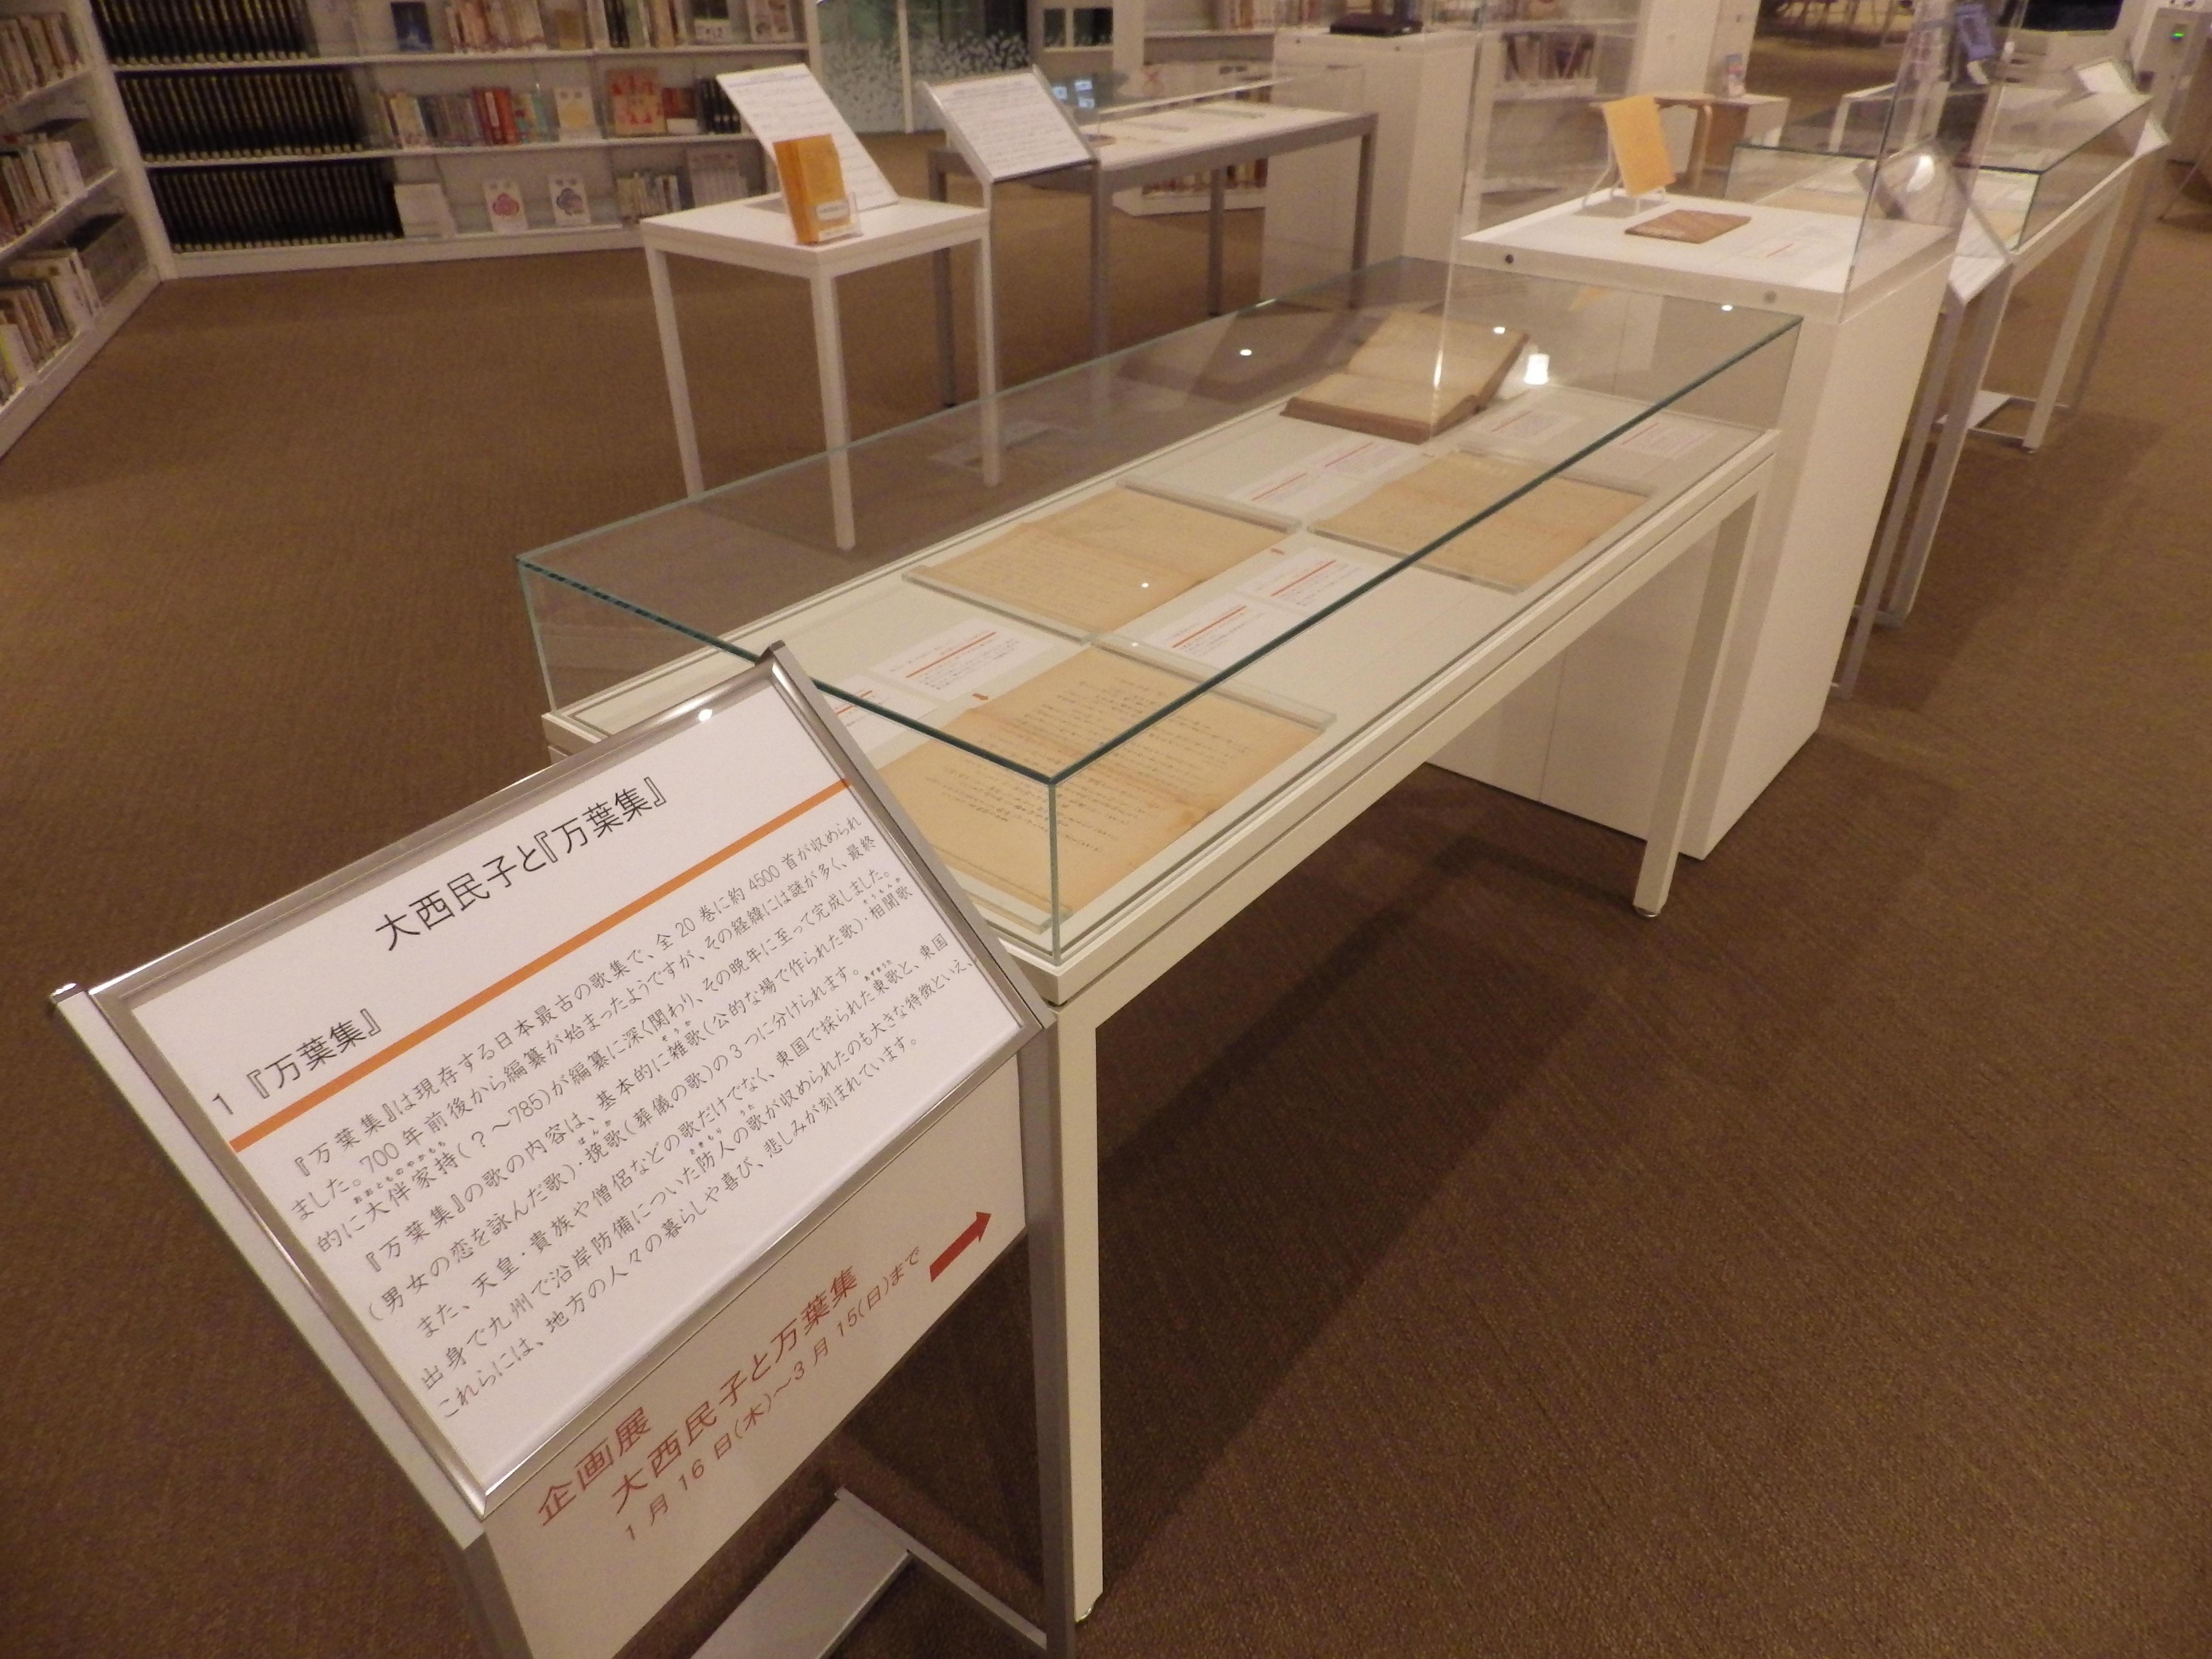 【文学】大西民子と万葉集14.JPG